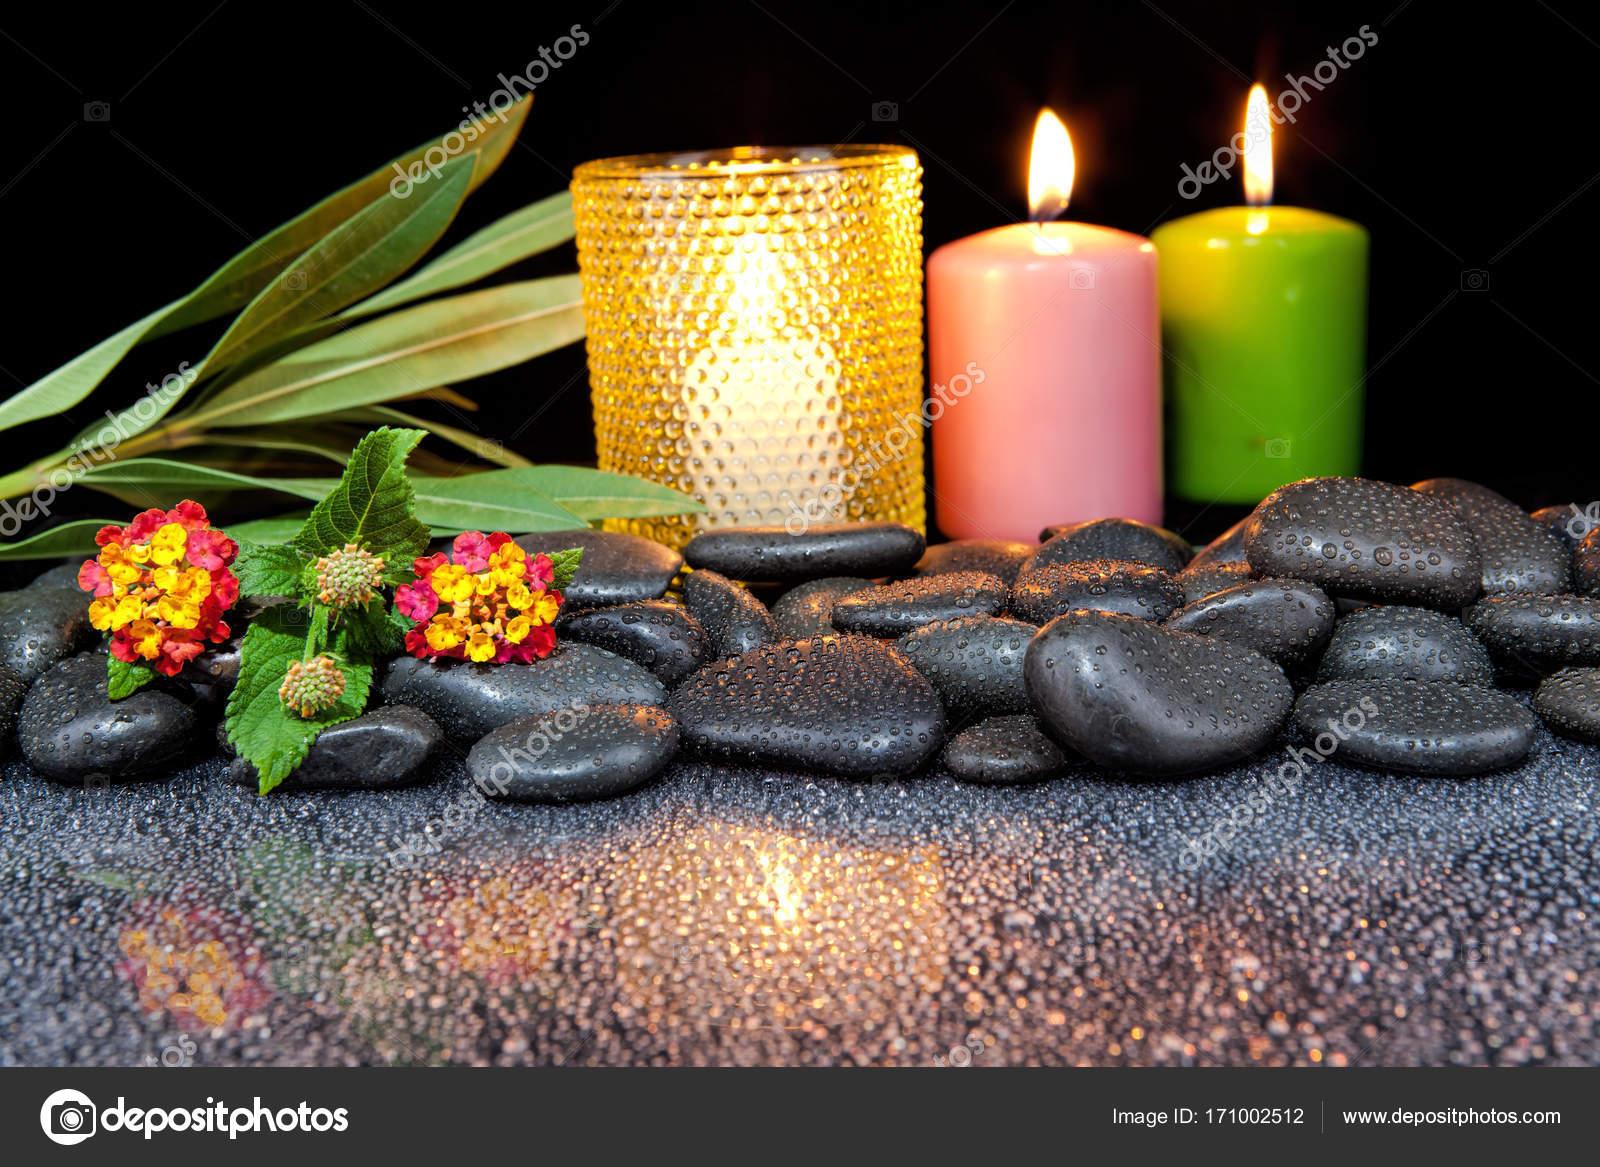 Decoration De Spa concernant décoration de spa avec des pierres et des bougies sur un fond noir